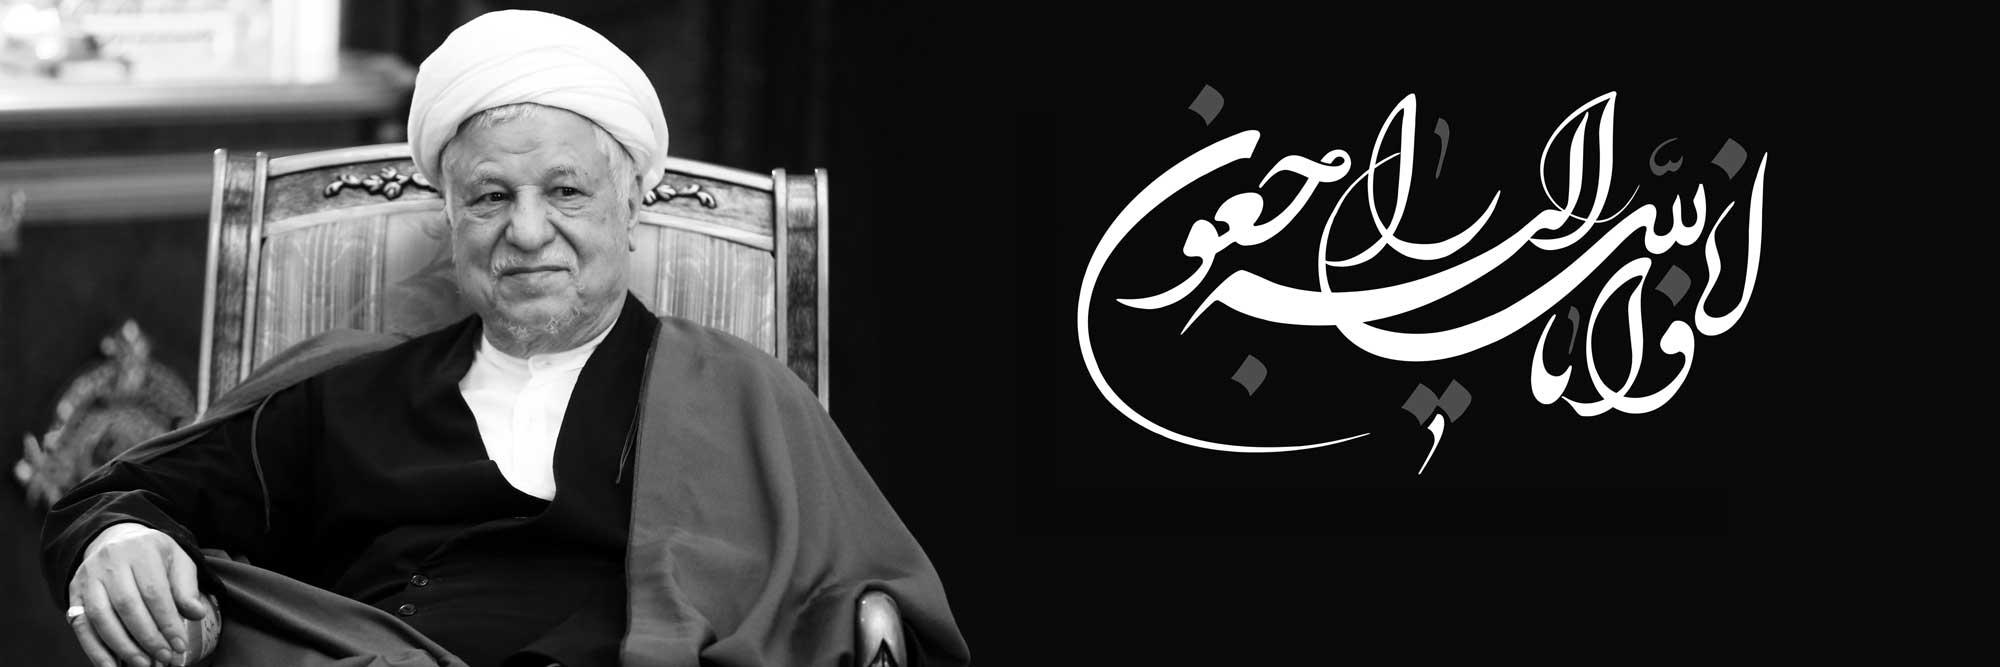 لحظه به لحظه با مراسم بزرگداشت آیتالله هاشمی رفسنجانی + تصاویر